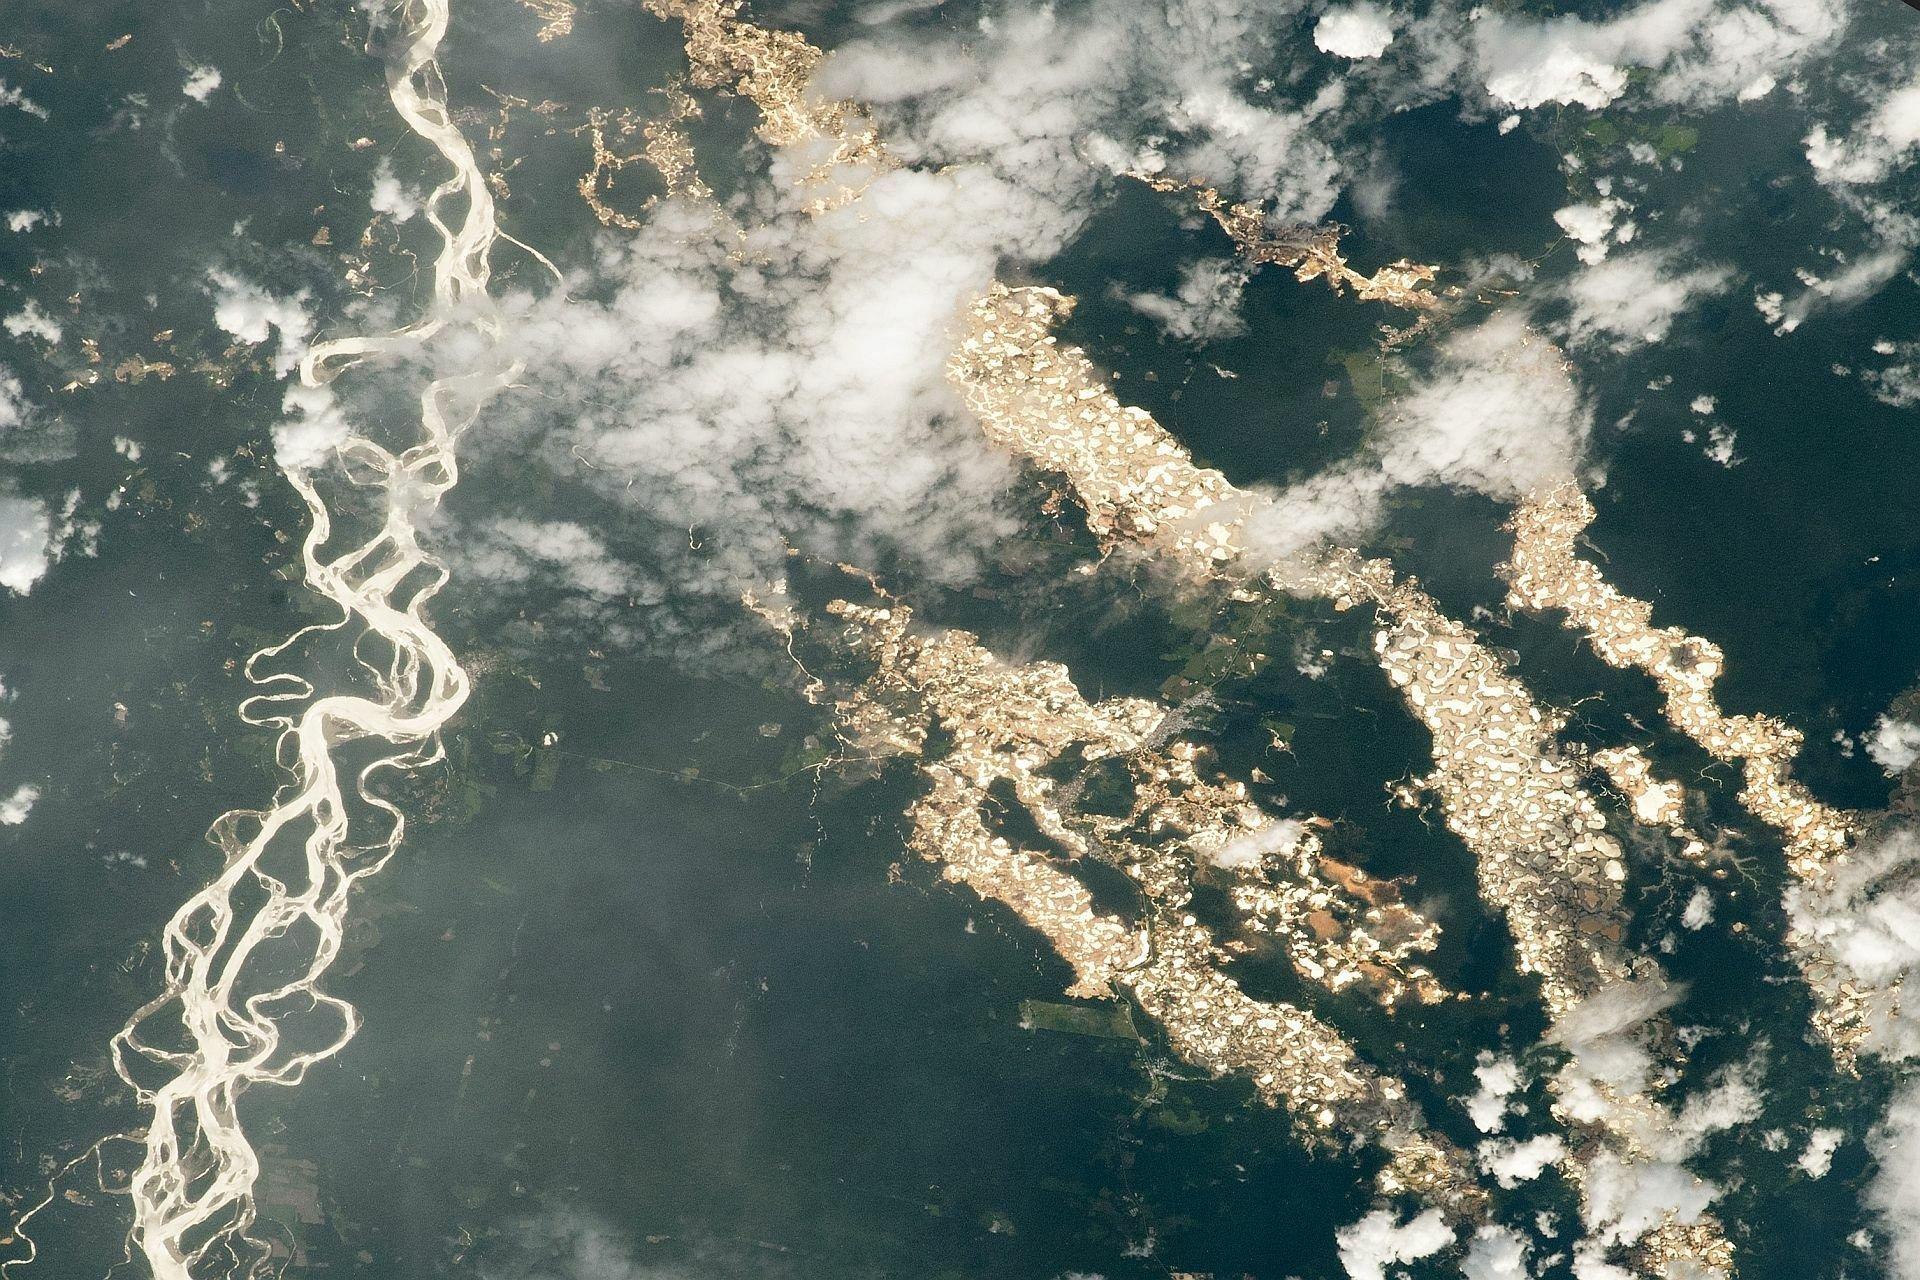 """Das Foto der NASA aus dem All zeigt die """"Goldflüsse"""" im peruanischen Amazonas. Es sind in Wirklichkeit Gruben, die höchstwahrscheinlich von nicht lizenzierten Bergleuten gegraben wurden."""